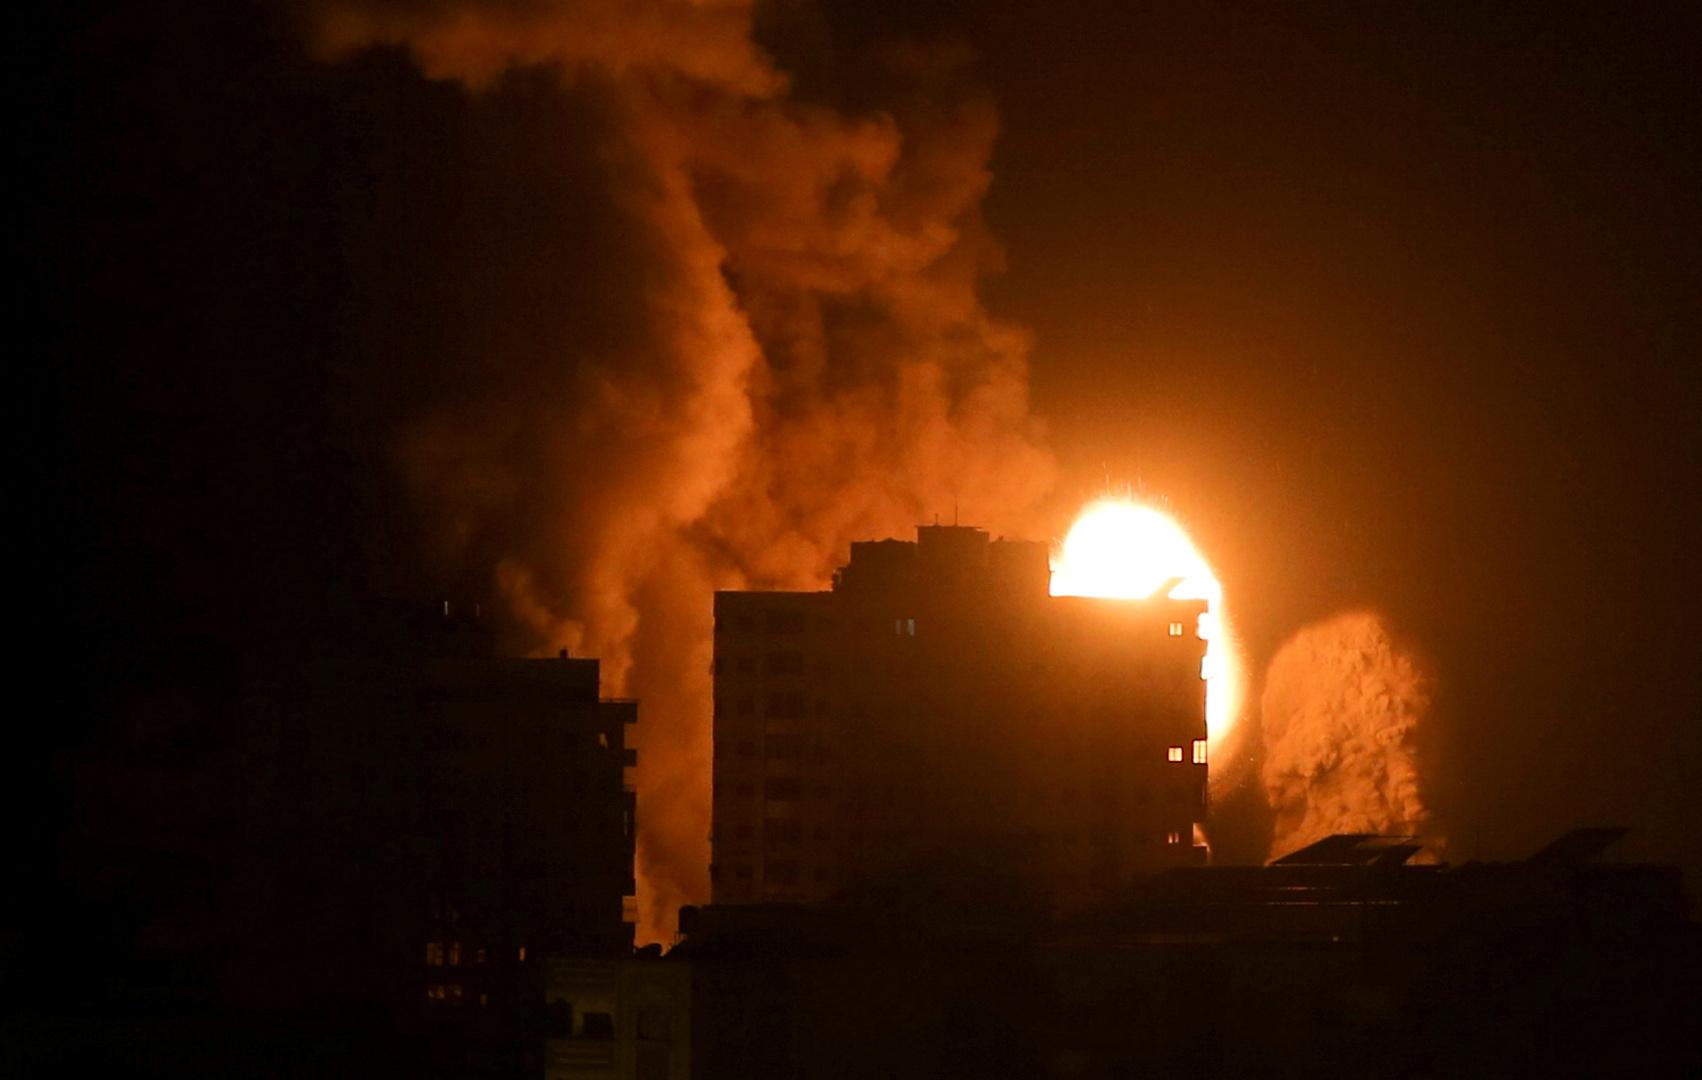 الكرملين يعرب عن قلقه إزاء تزايد عدد الضحايا في المواجهات الفلسطينية الإسرائيلية